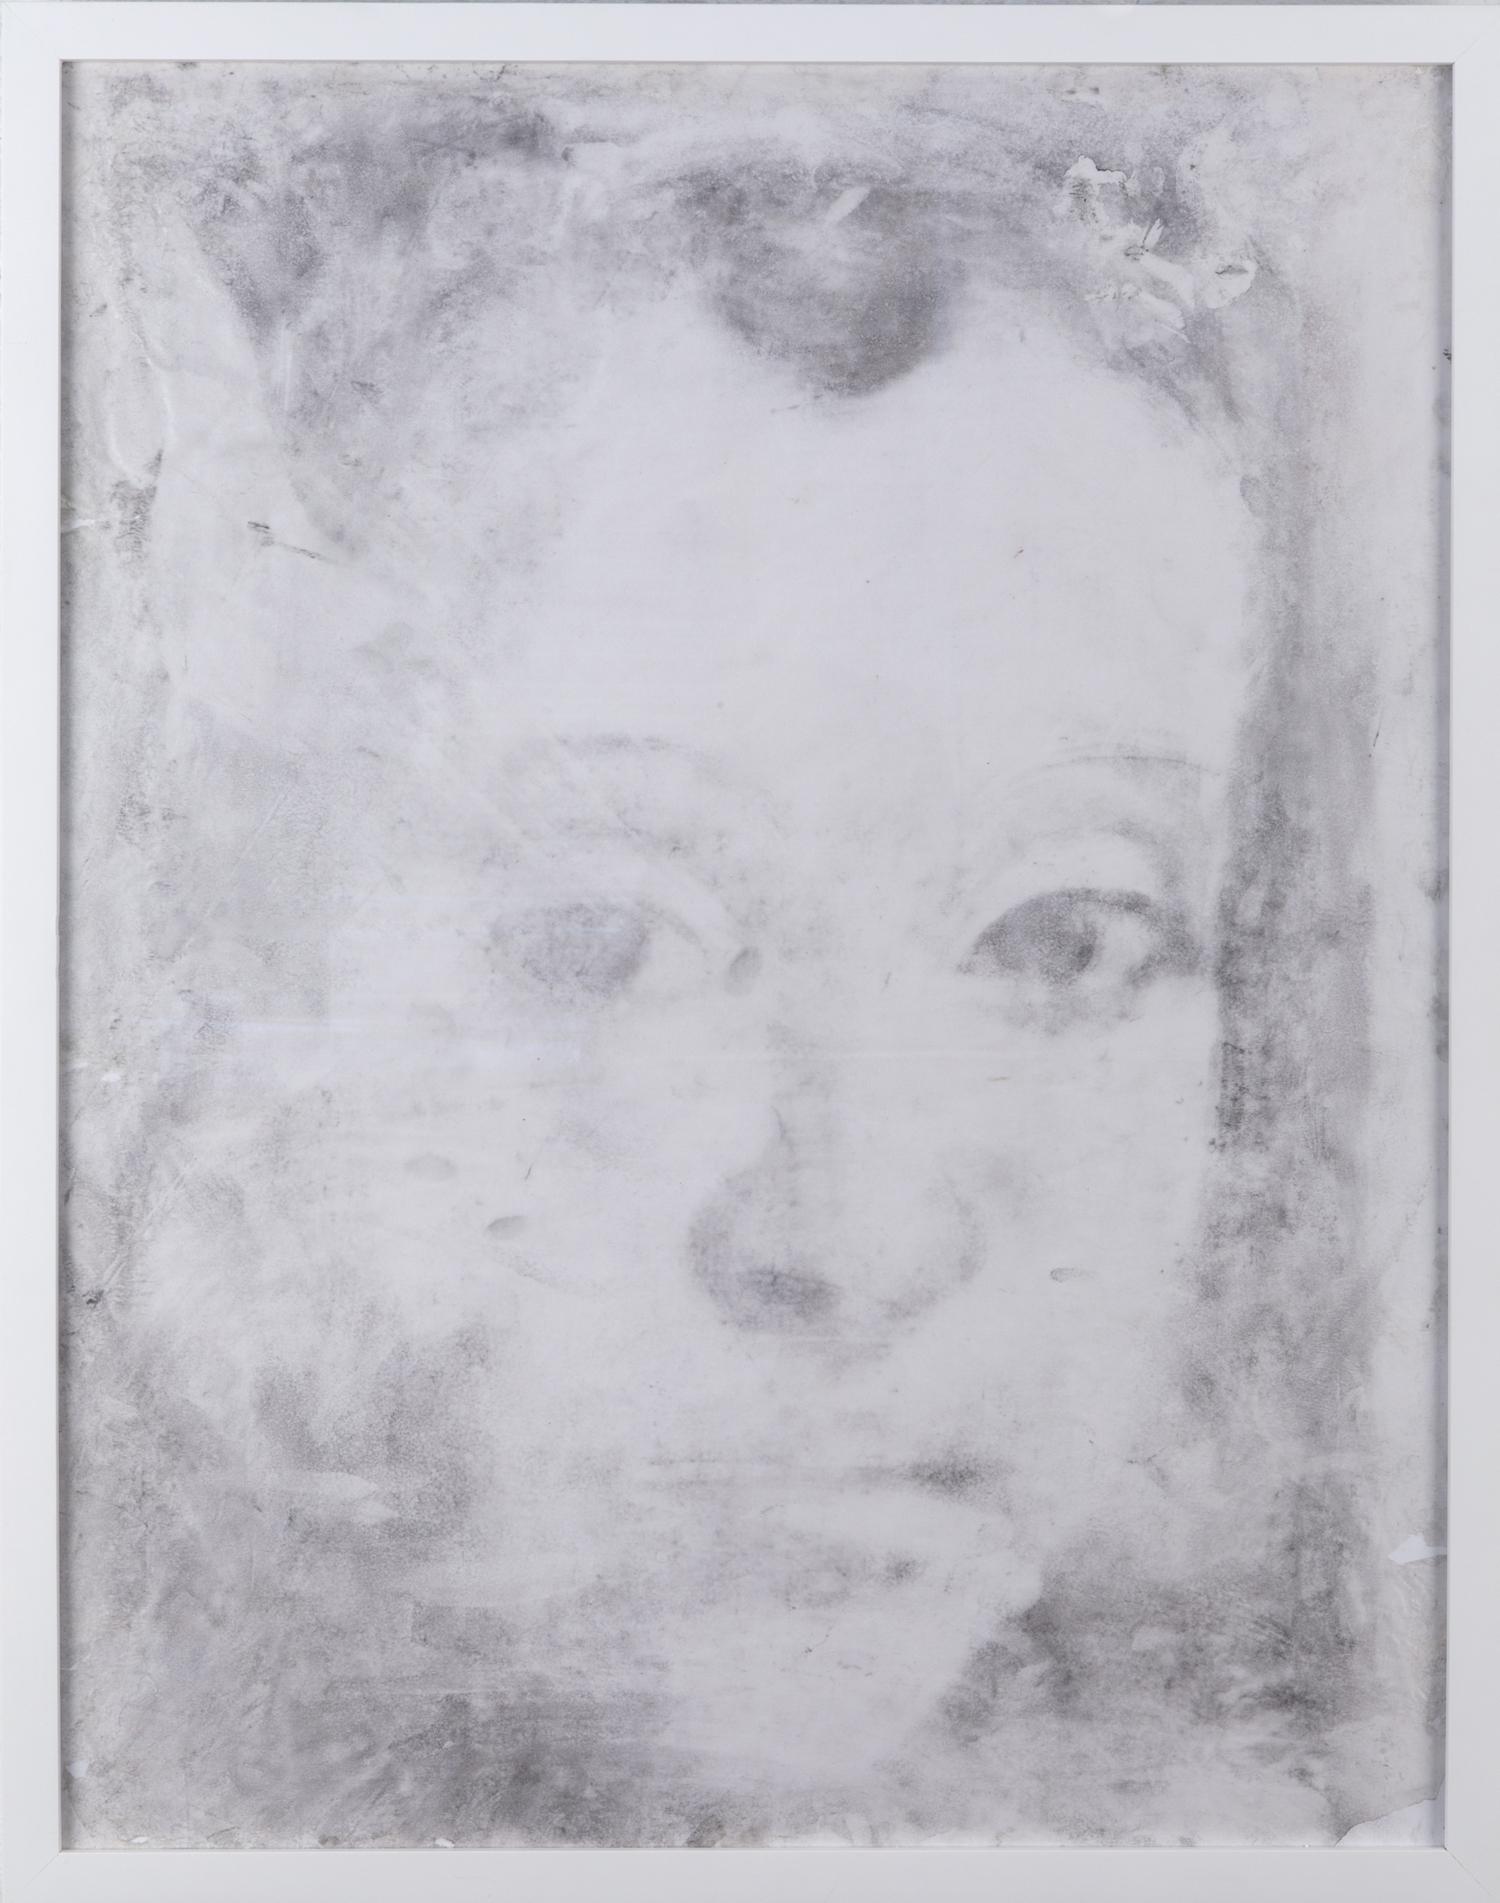 Charcoal on Glassine (after Christus), 2013